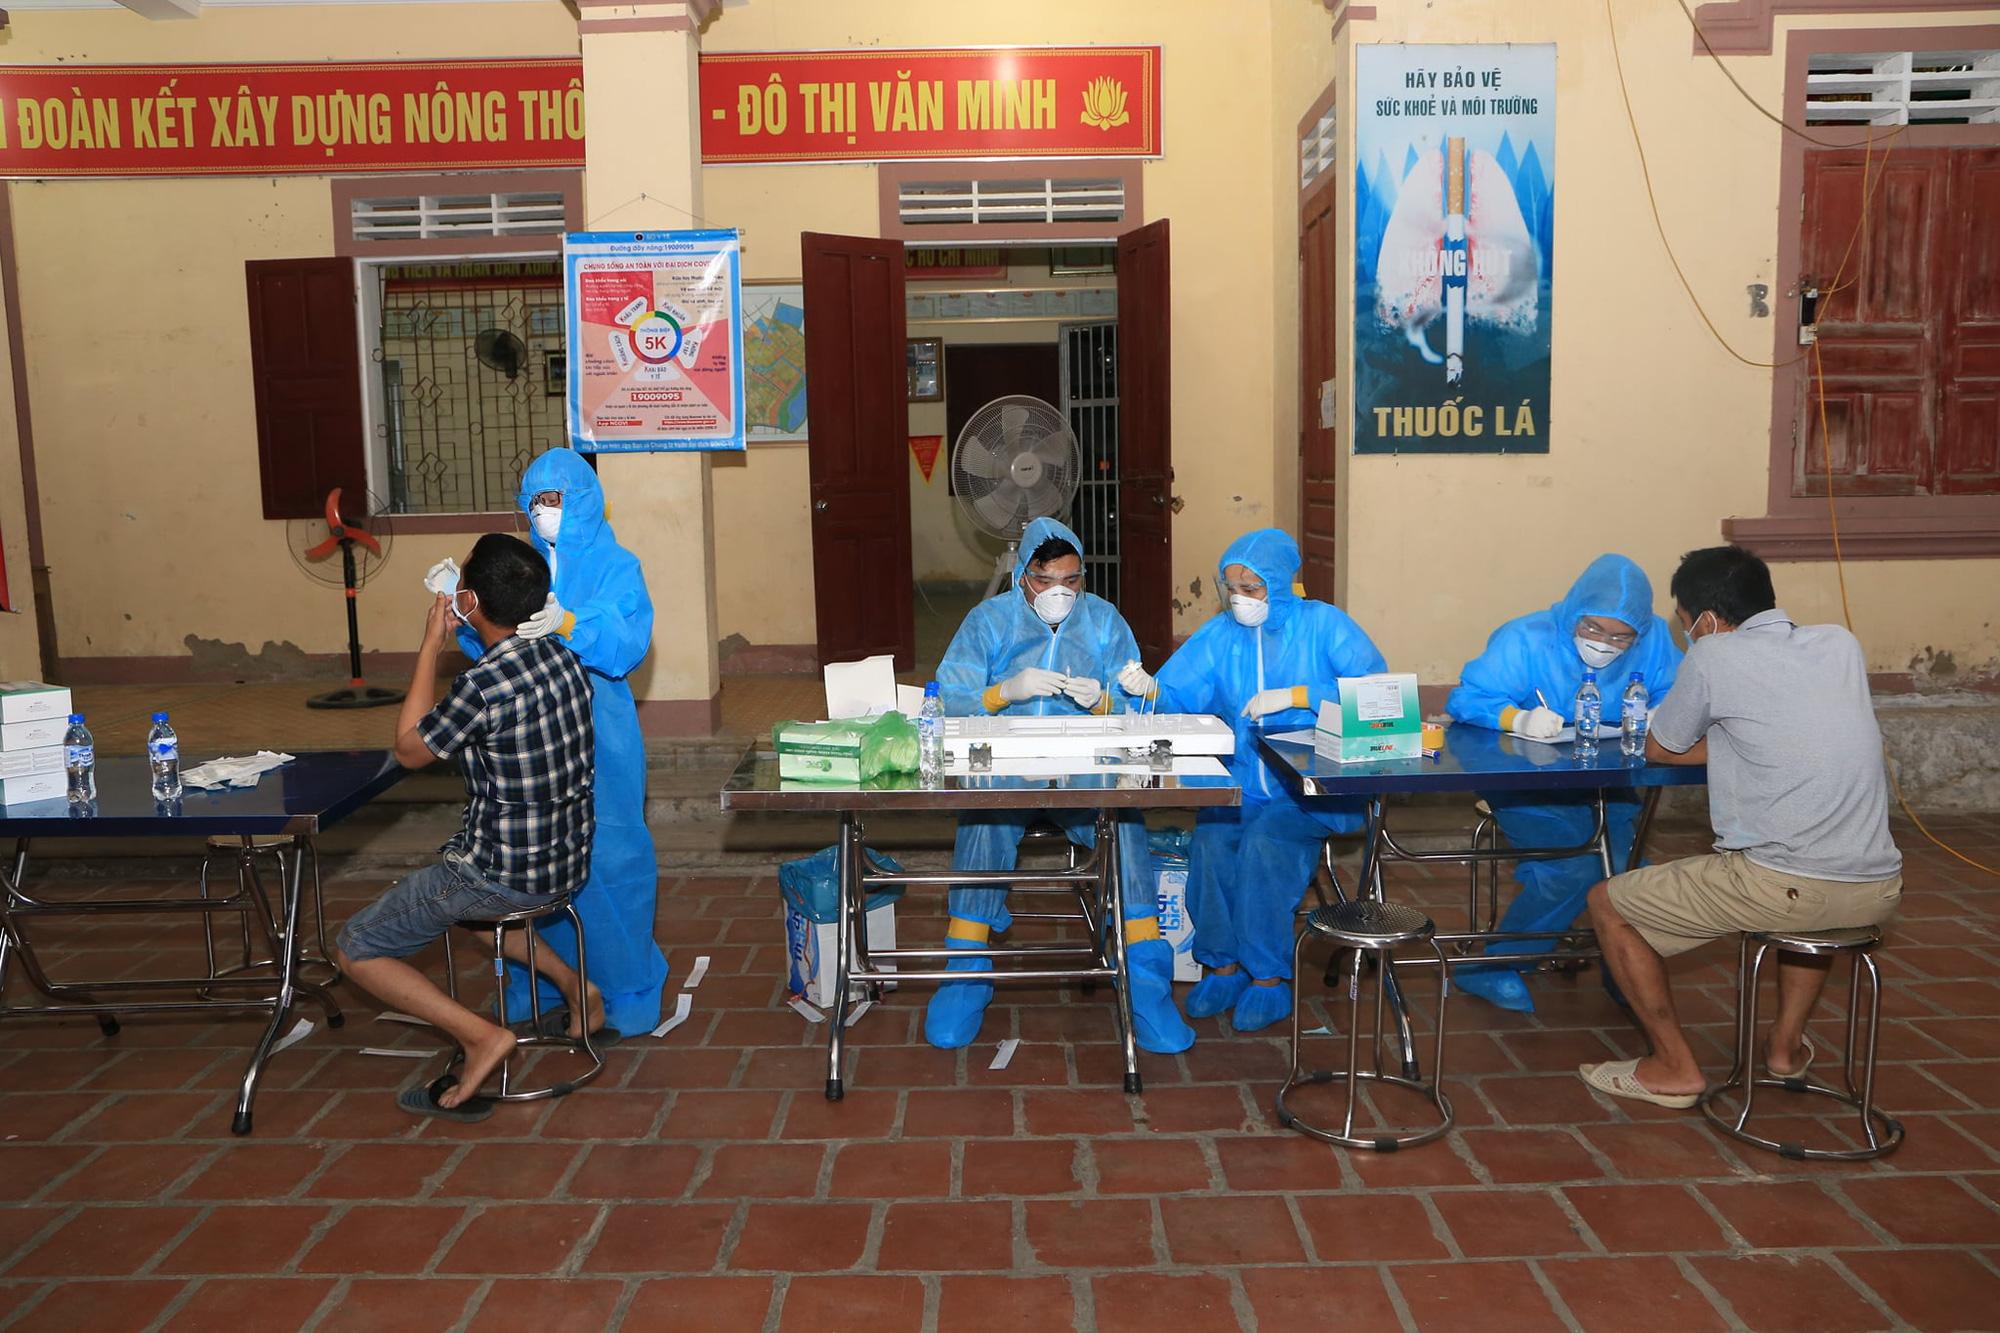 [ẢNH] Nghệ An test Covid-19 diện rộng cho nửa triệu dân, đêm đầu tiên có 8 mẫu nghi nhiễm - Ảnh 6.